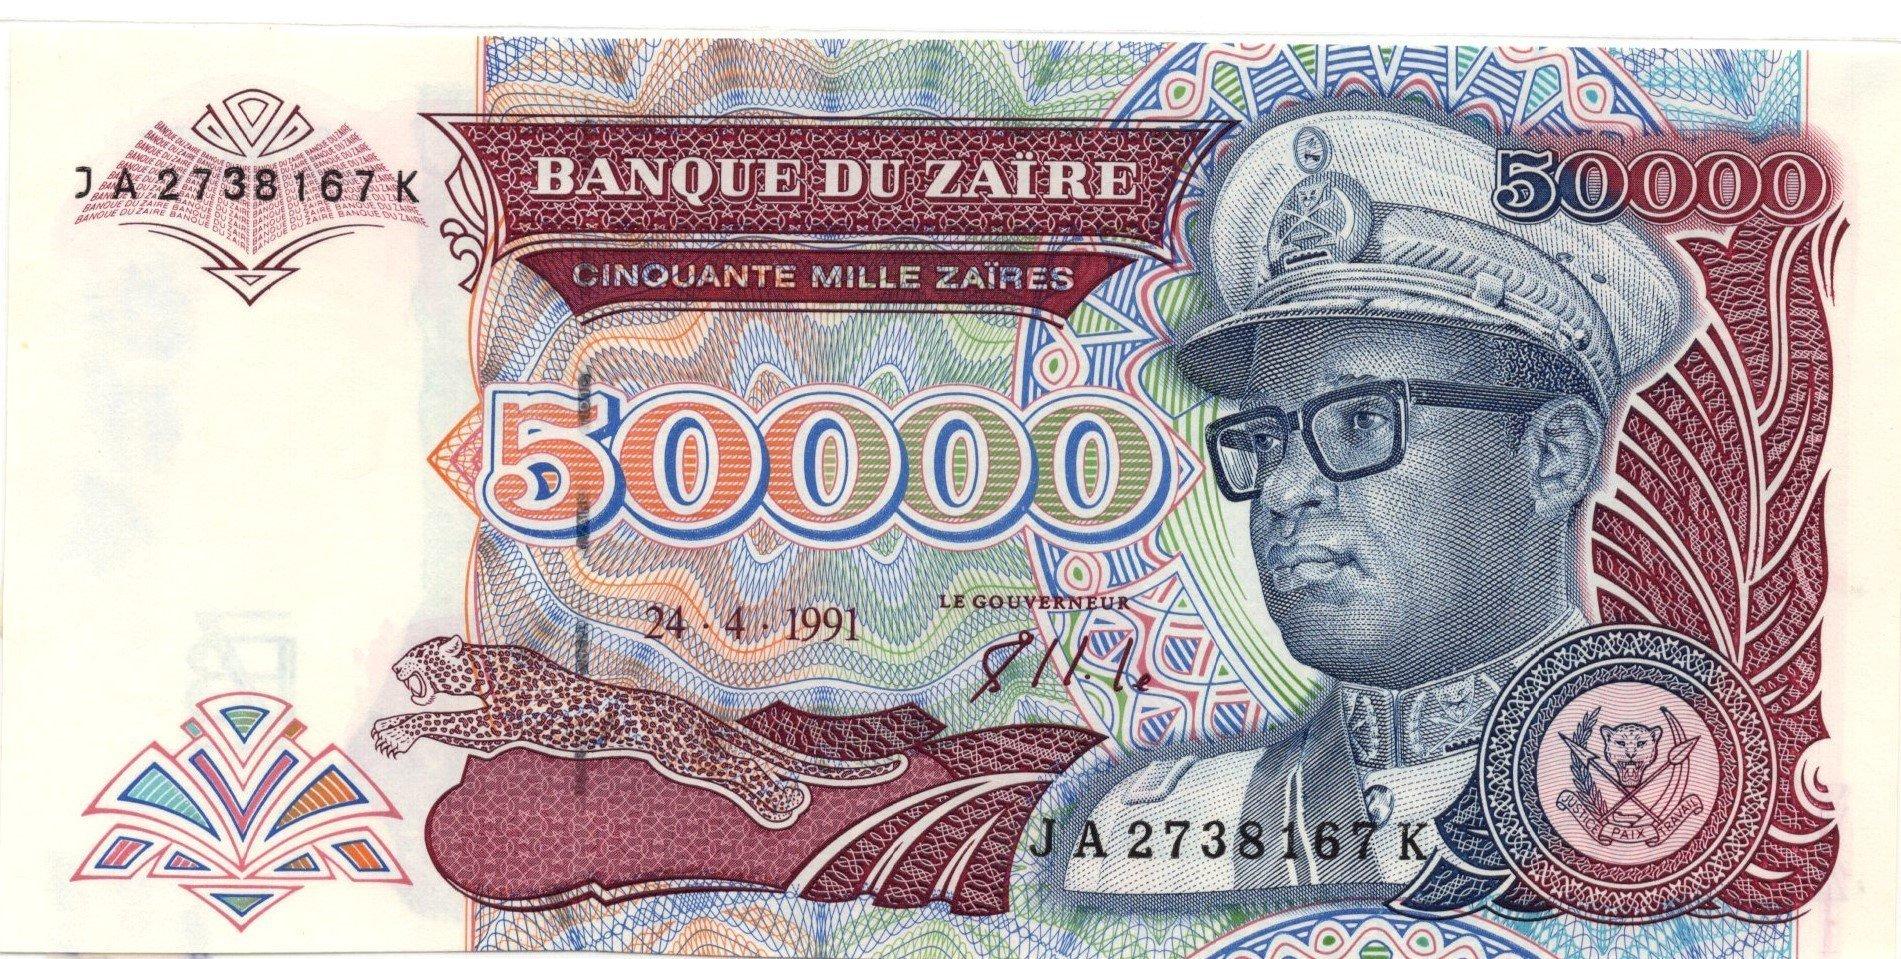 Zaire 50000 zaires 1991 banknote